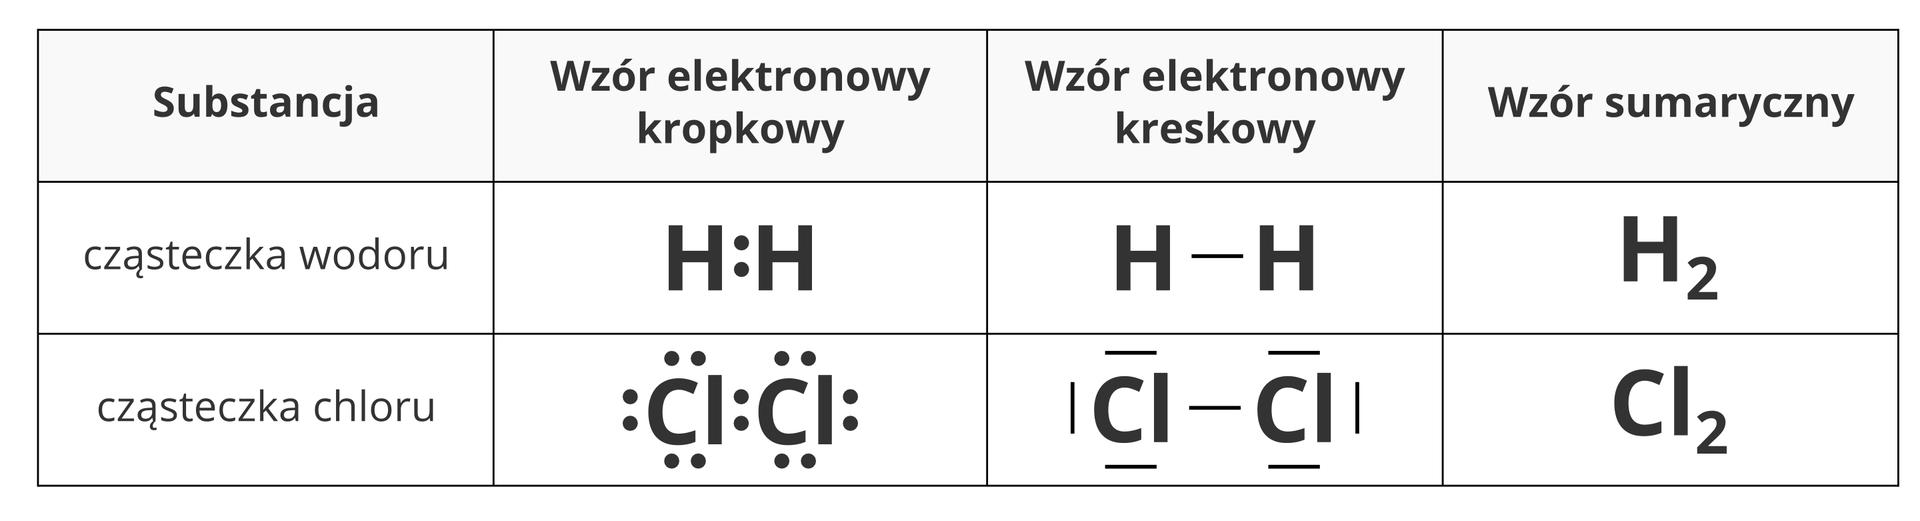 Tabela porównująca ze sobą różne sposoby zapisu cząsteczek wodoru ichloru. Wpierwszym wierszu tabeli, licząc od góry, znajduje się opis poszczególnych kolumn. Od lewej są to: substancja, wzór elektronowy kropkowy, wzór elektronowy kreskowy isumaryczny. Drugi wiersz tabeli zajmuje opis wodoru, której wzór sumaryczny to H2 icząsteczki chloru owzorze sumarycznym Cl2. Wpraktyce wzory kropkowy ikreskowy wobu przypadkach różnią się od siebie wyłącznie zastąpieniem par kropek pojedynczymi kreskami wtaki sposób, że zapis staje się czytelniejszy ikładzie większy nacisk na wiązania pomiędzy atomami. Ważne jest też to, że wodróżnieniu od wzoru kropkowego, wktórym wszystkie pary kropek są do siebie podobne, we wzorze kreskowym pary elektronów występujące wpierwiastku samodzielnie są do jego symbolu równoległe (przylegające), ate łączące go zinnym atomem stanowią rodzaj pomostu pomiędzy symbolami.